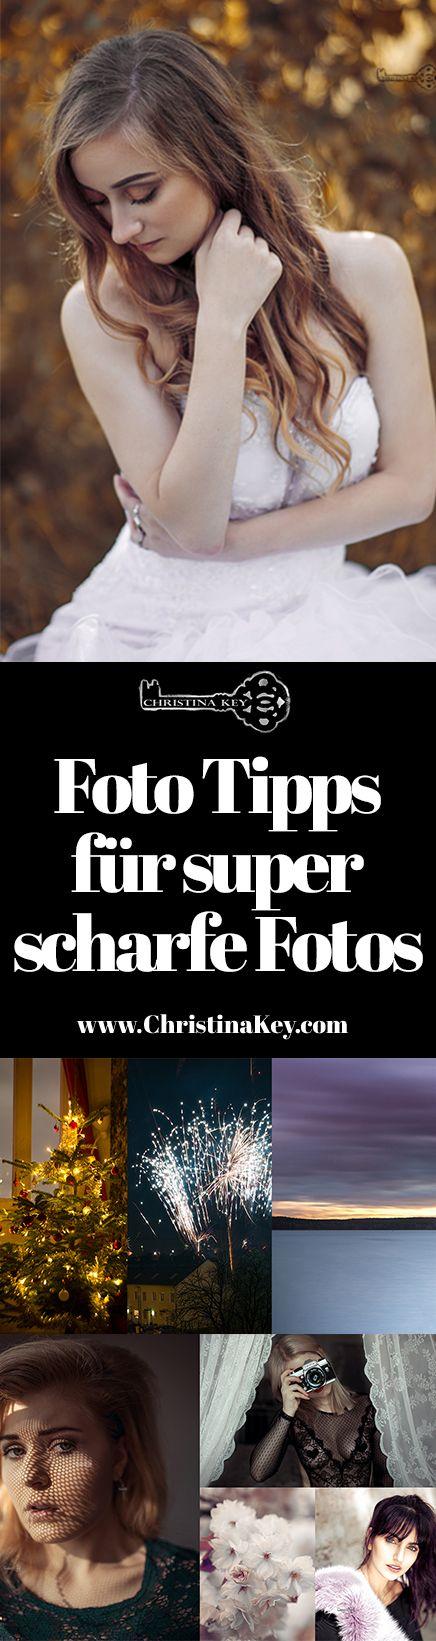 Fotografie Tipps direkt vom Profi: Endlich knack-scharfe Fotos - So einfach gehts! Mit vielen Beispiel Bildern und jede Menge Fotografie Tipps zum dazu lernen! Jetzt entdecken auf CHRISTINA KEY - dem Fotografie, Blogger Tipps, Rezepte, Mode und DIY Blog aus Berlin, Deutschland